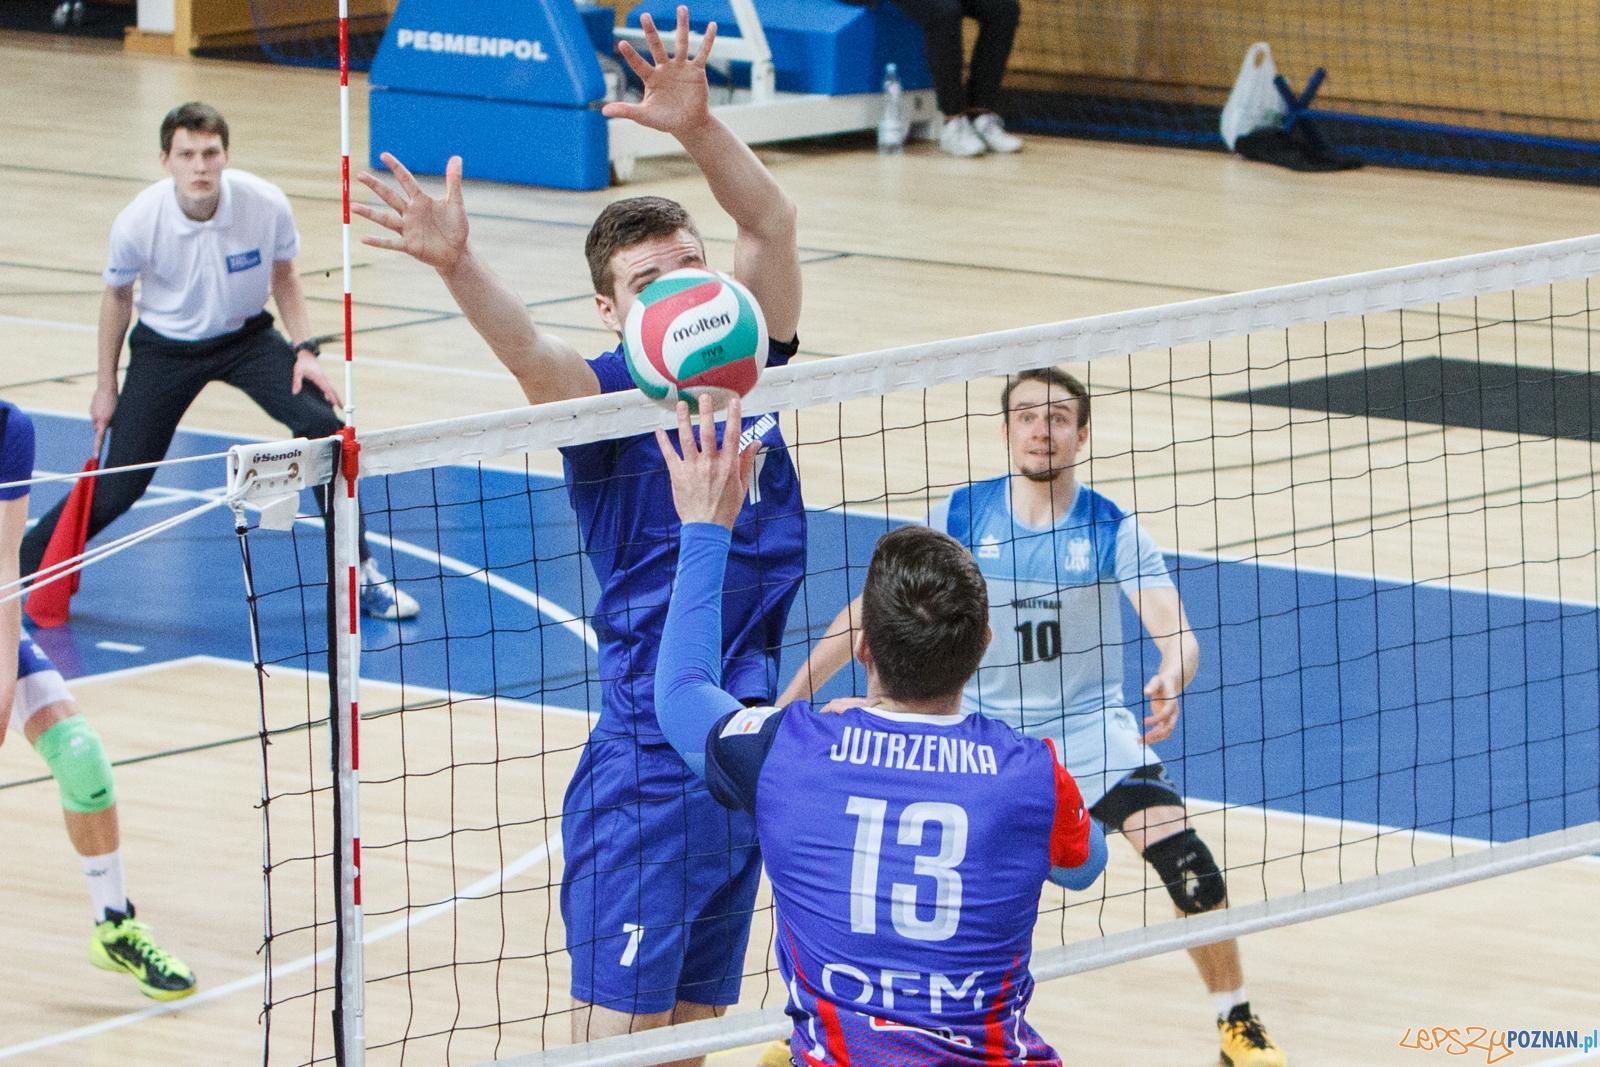 I Runda Play-Off: AZS UAM Poznań - OFM Bielawianka Bielawa 3:0  Foto: LepszyPOZNAN.pl / Paweł Rychter